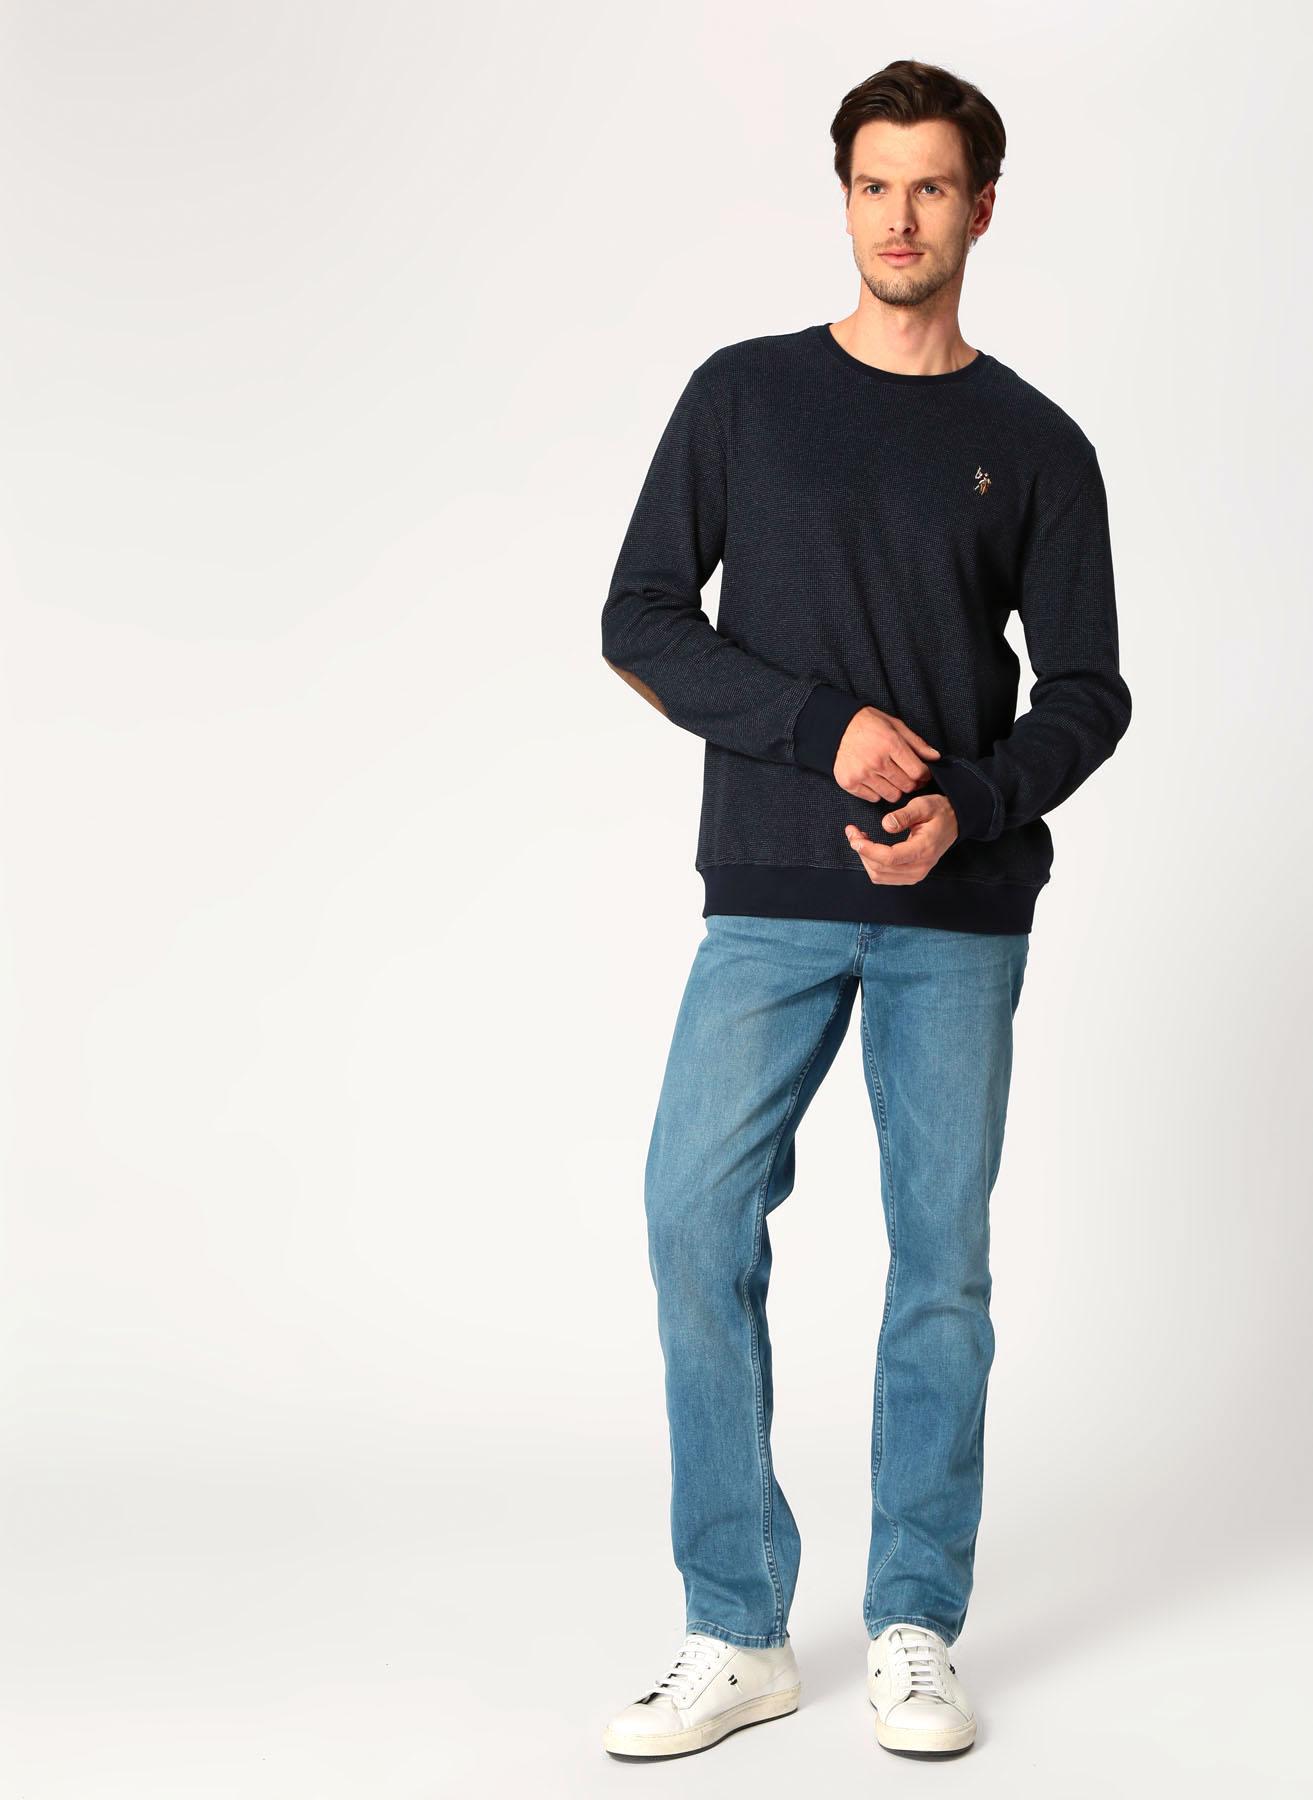 U.S. Polo Assn. Neon Lacivert Denim Pantolon 29-32 5001704816007 Ürün Resmi